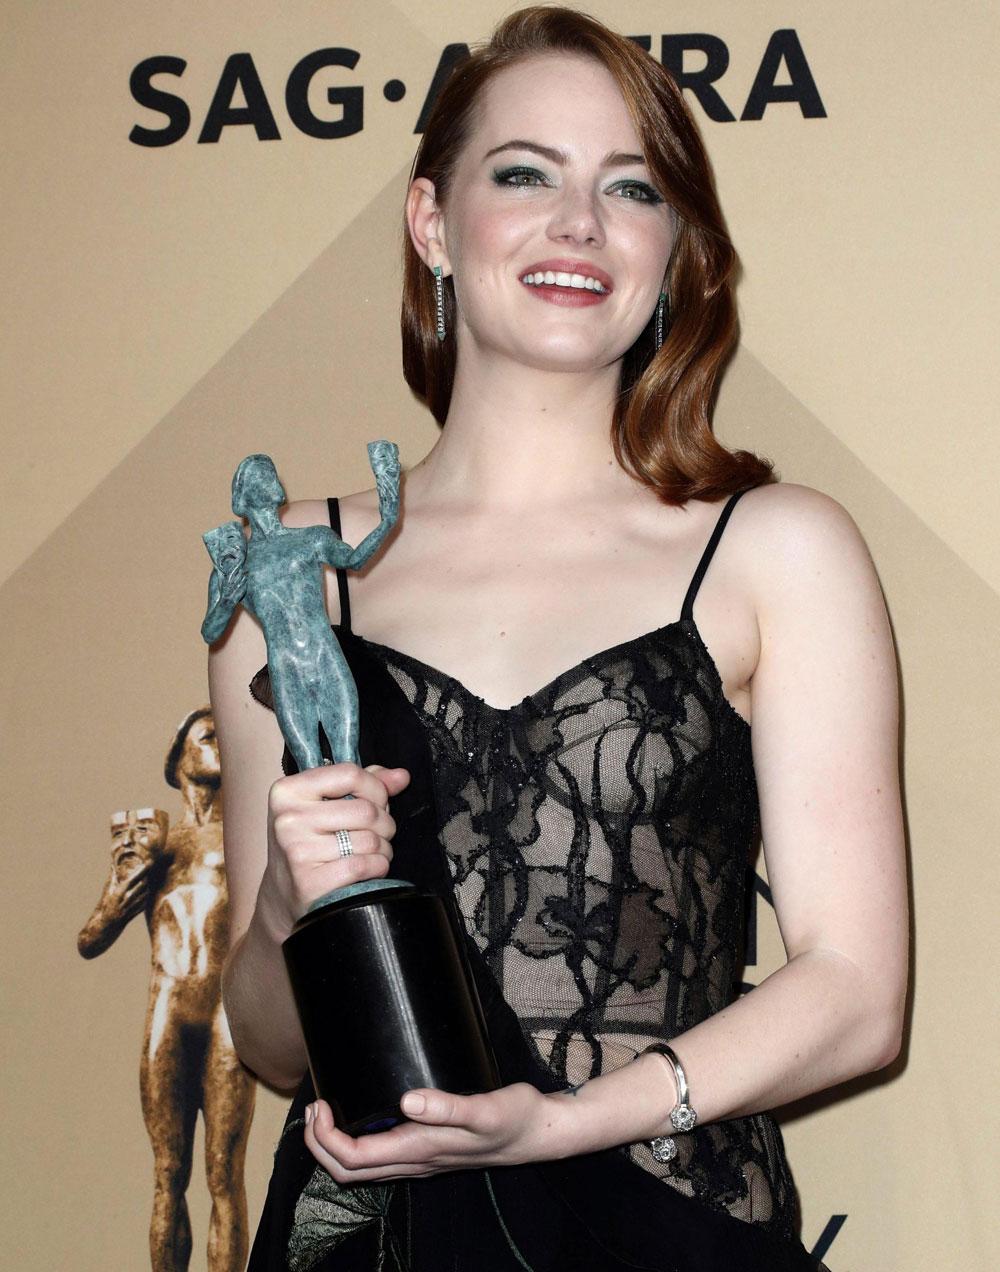 In foto Emma Stone (33 anni) Dall'articolo: Ecco l'anti La La Land: Il diritto di contare Miglior Film ai Sag Awards.